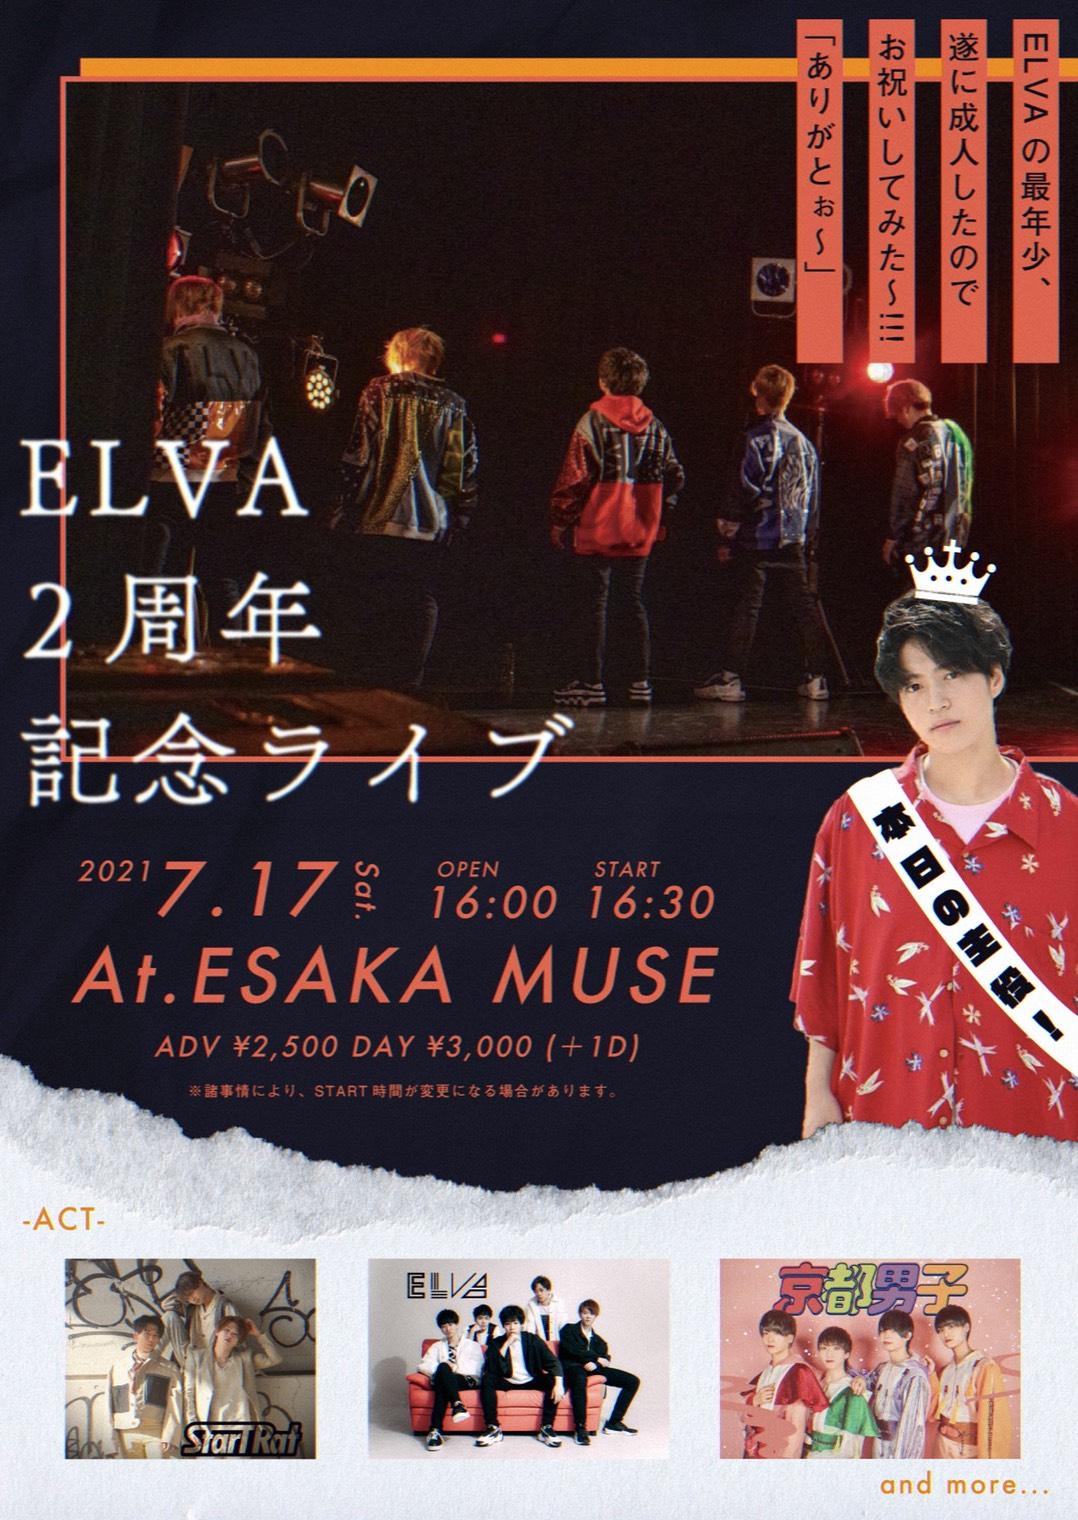 ELVA2周年記念ライブ 「 ELVAの最年少、遂に成人したのでお祝いしてみた~!!! 「ありがとぉ~」 」